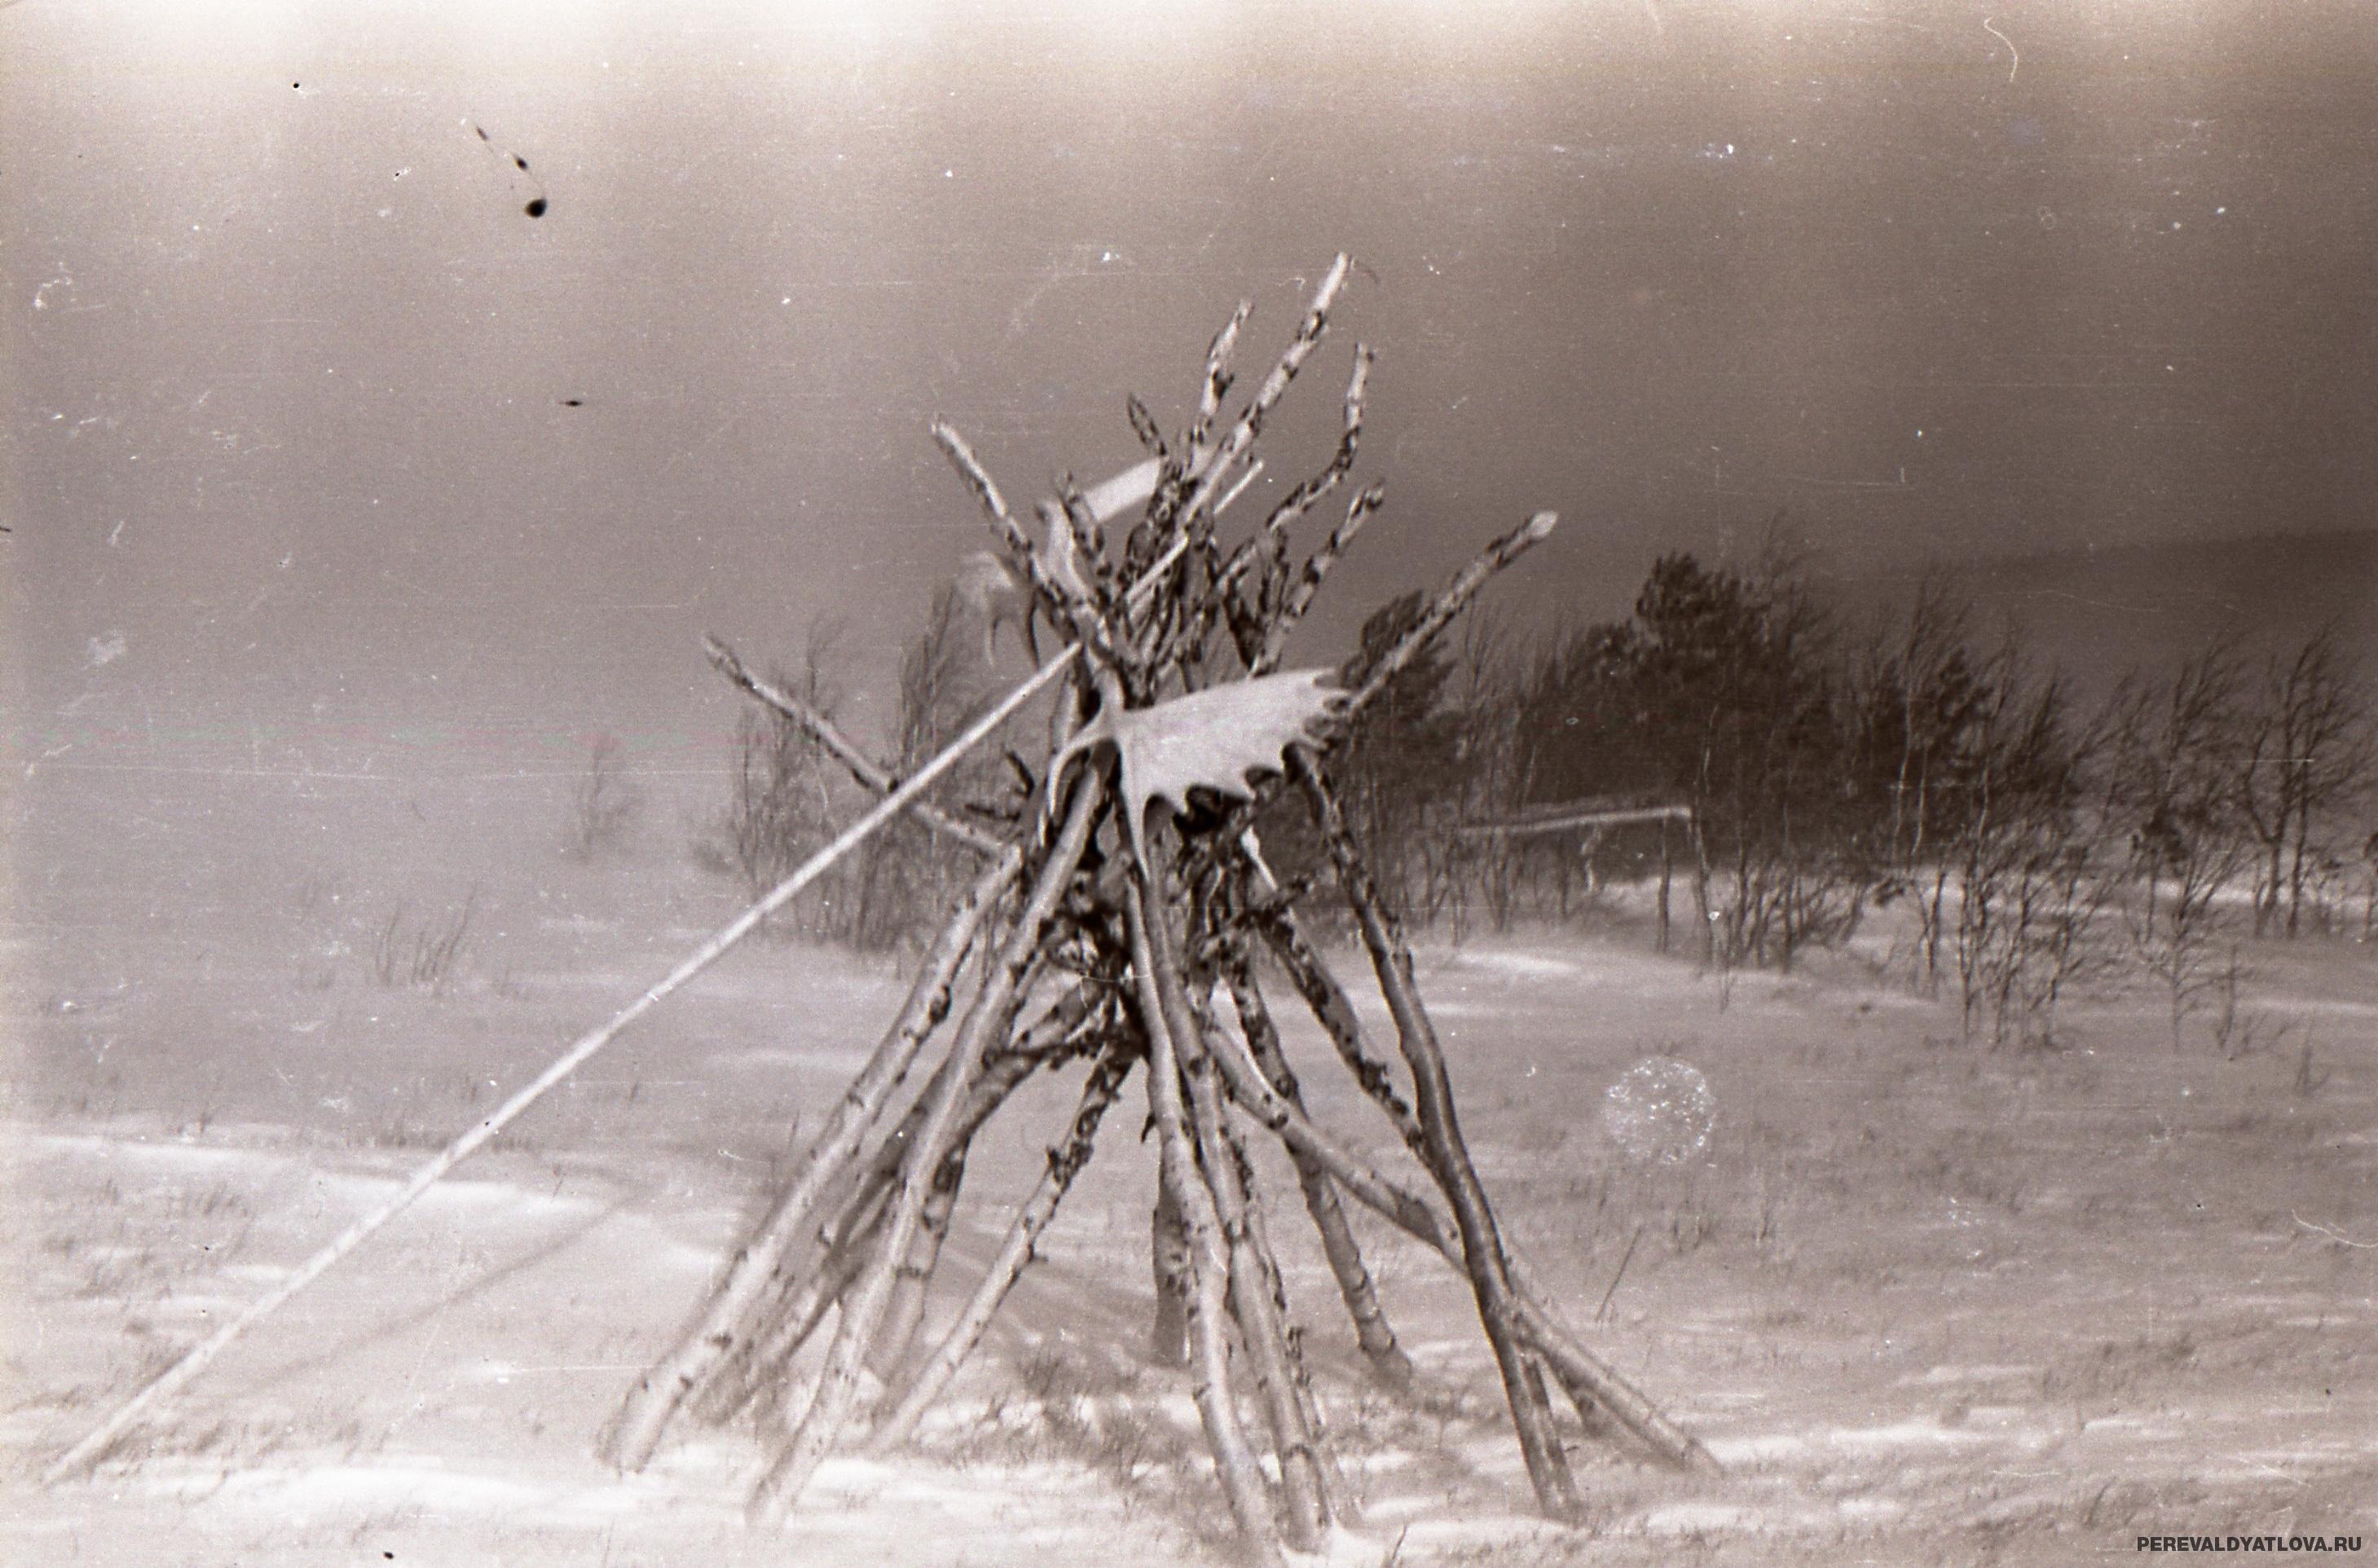 http://perevaldyatlova.ru/wp-content/gallery/poiski_v_1959/0_6153d_21baf2ef_orig.jpg